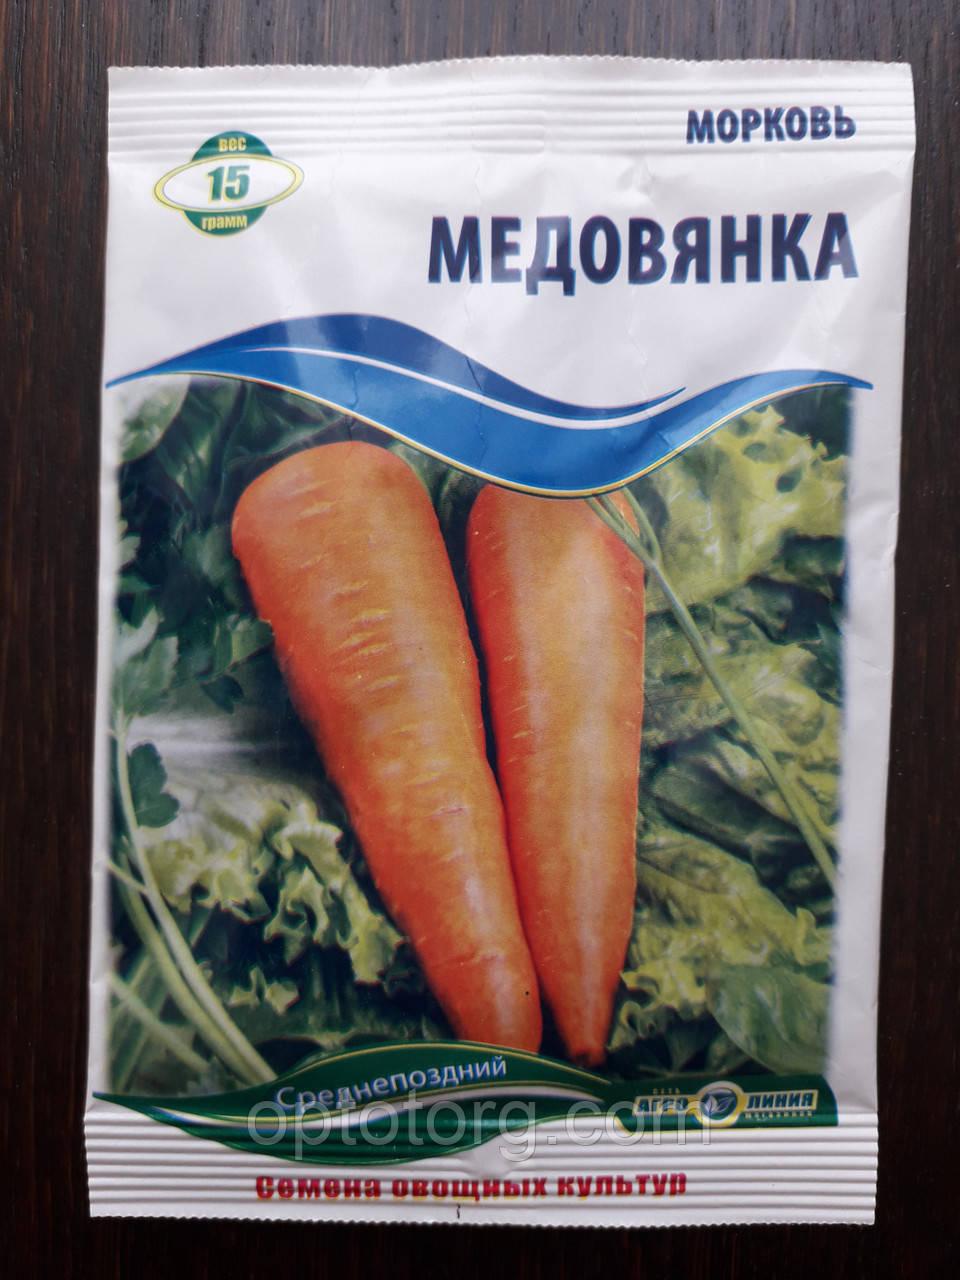 Семена моркови Медовянка 15 гр